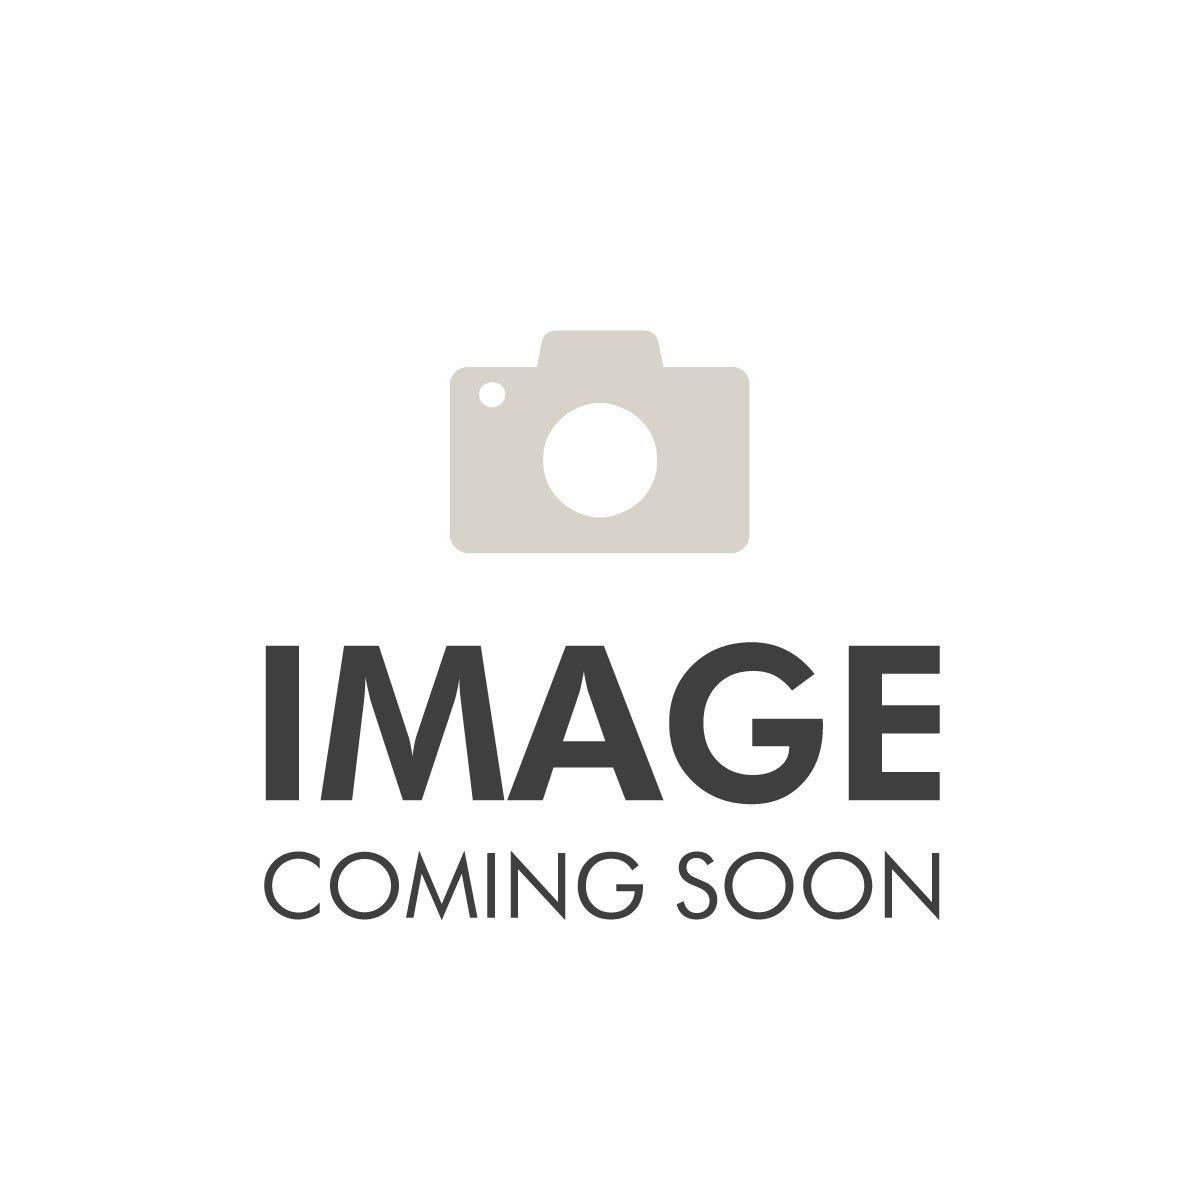 Allstar - Epee Mask - FIE